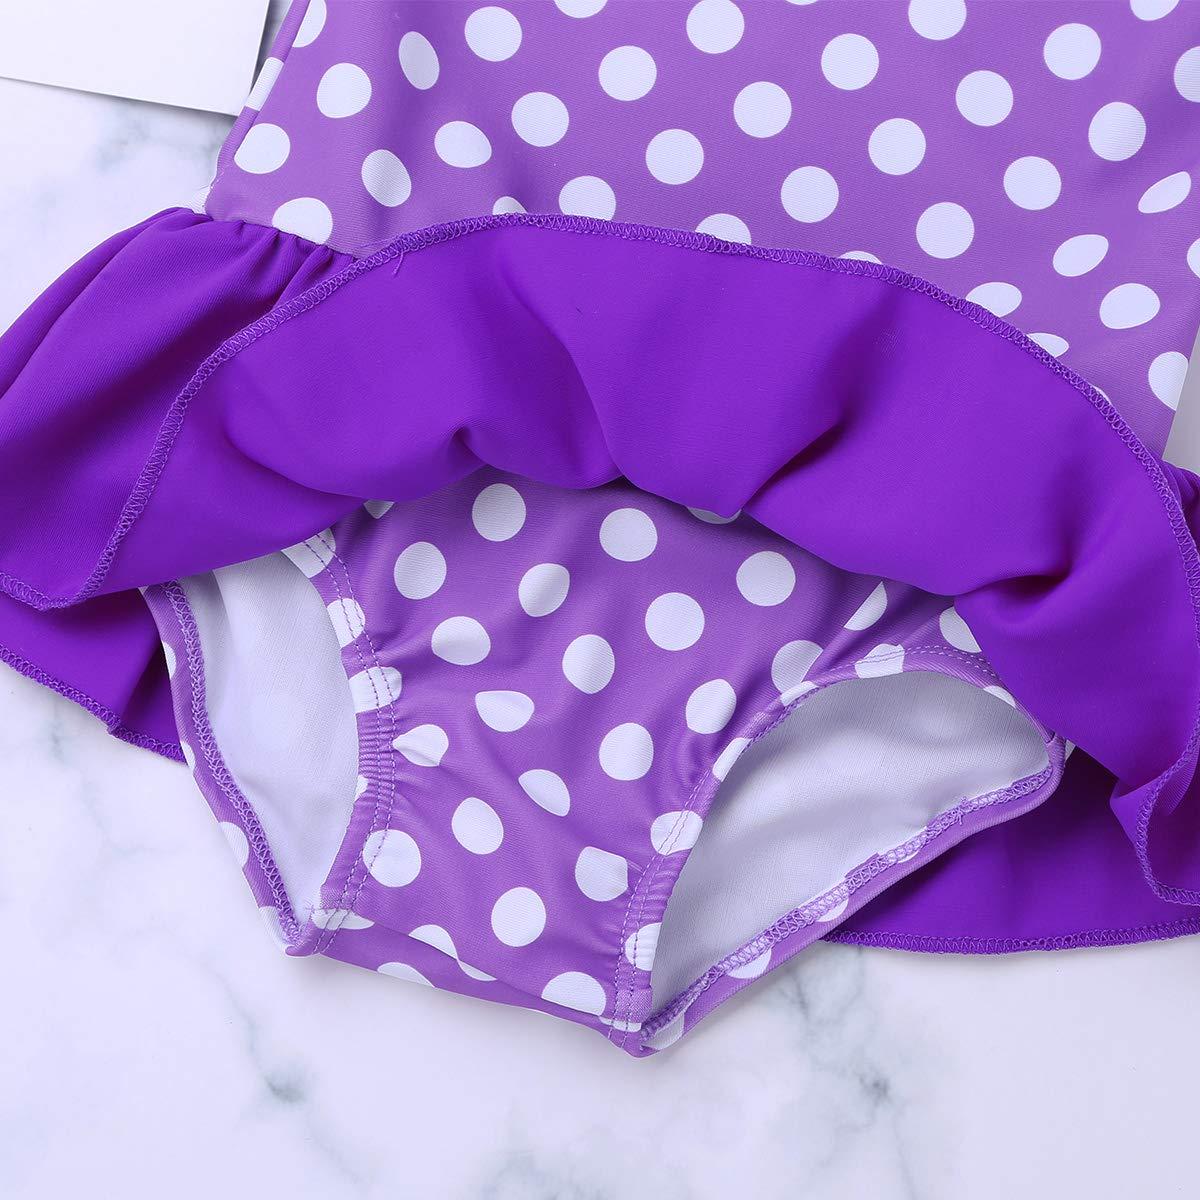 M/ädchen Badeanzug Einteiler Bikini UV-Schutz Bademoden All-Over gepunktet 62 68 74 80 86 92 98 iEFiEL Baby